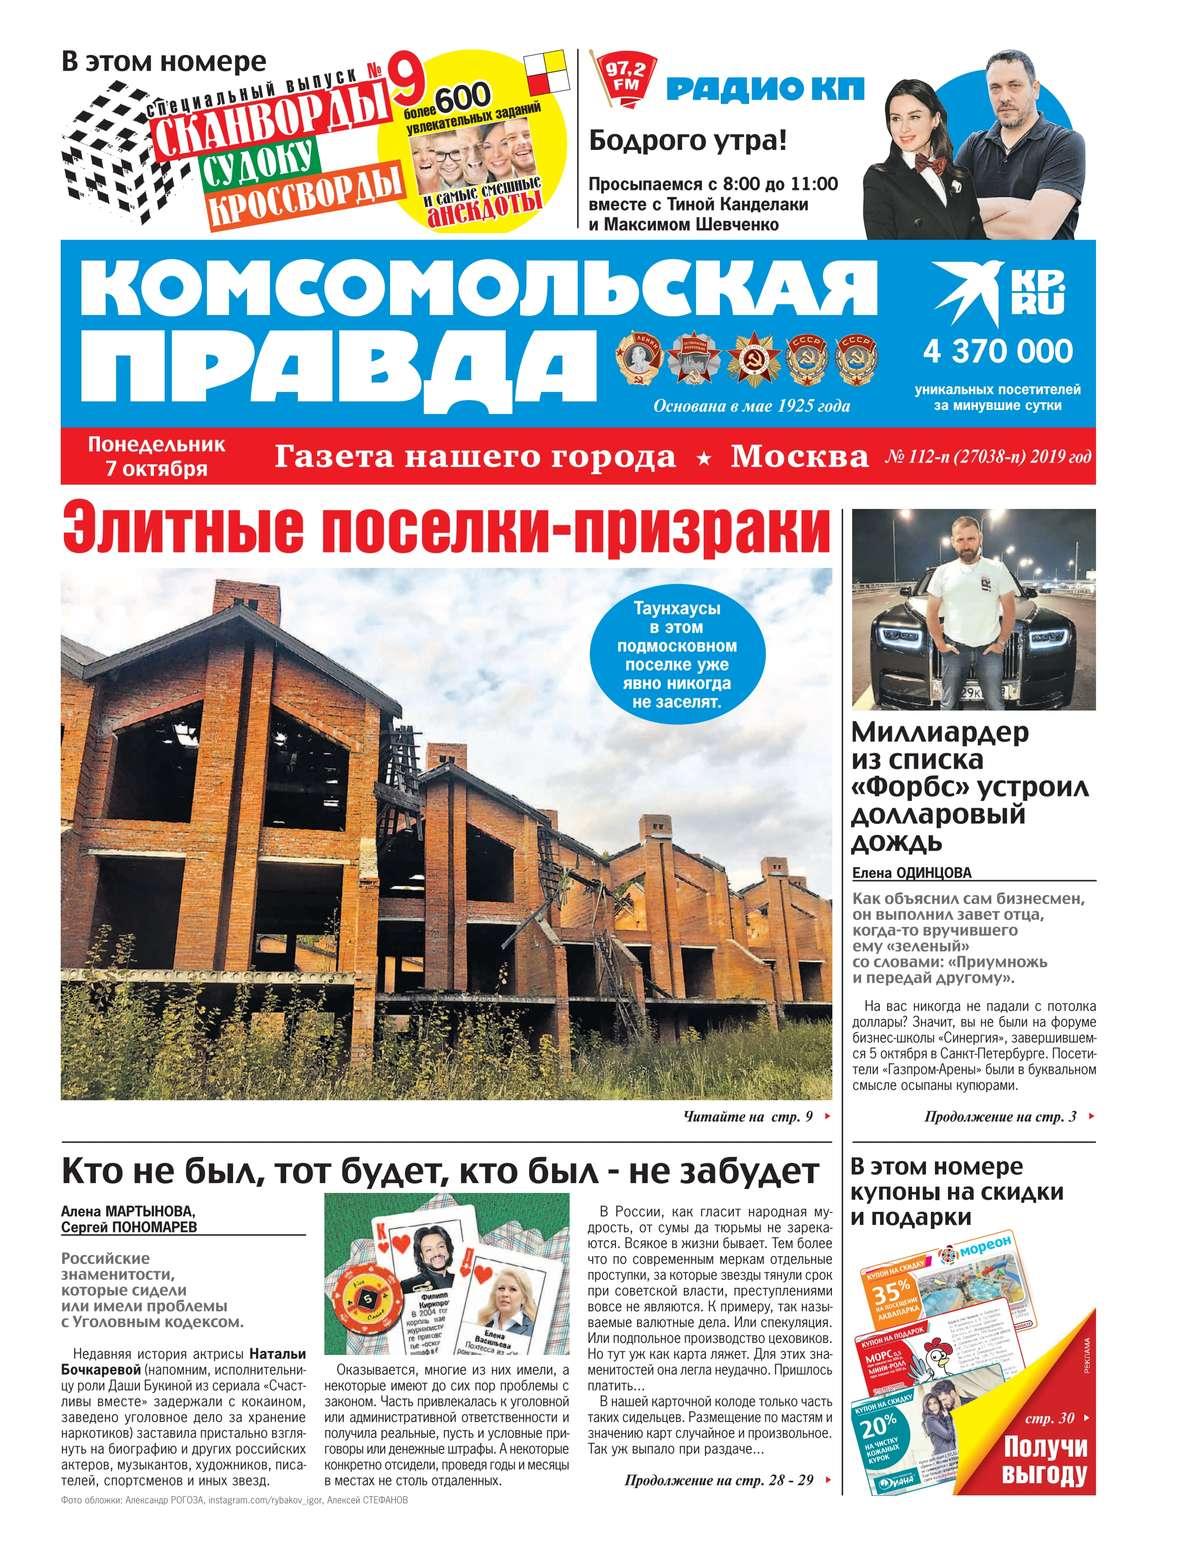 Комсомольская Правда. Москва 112п-2019